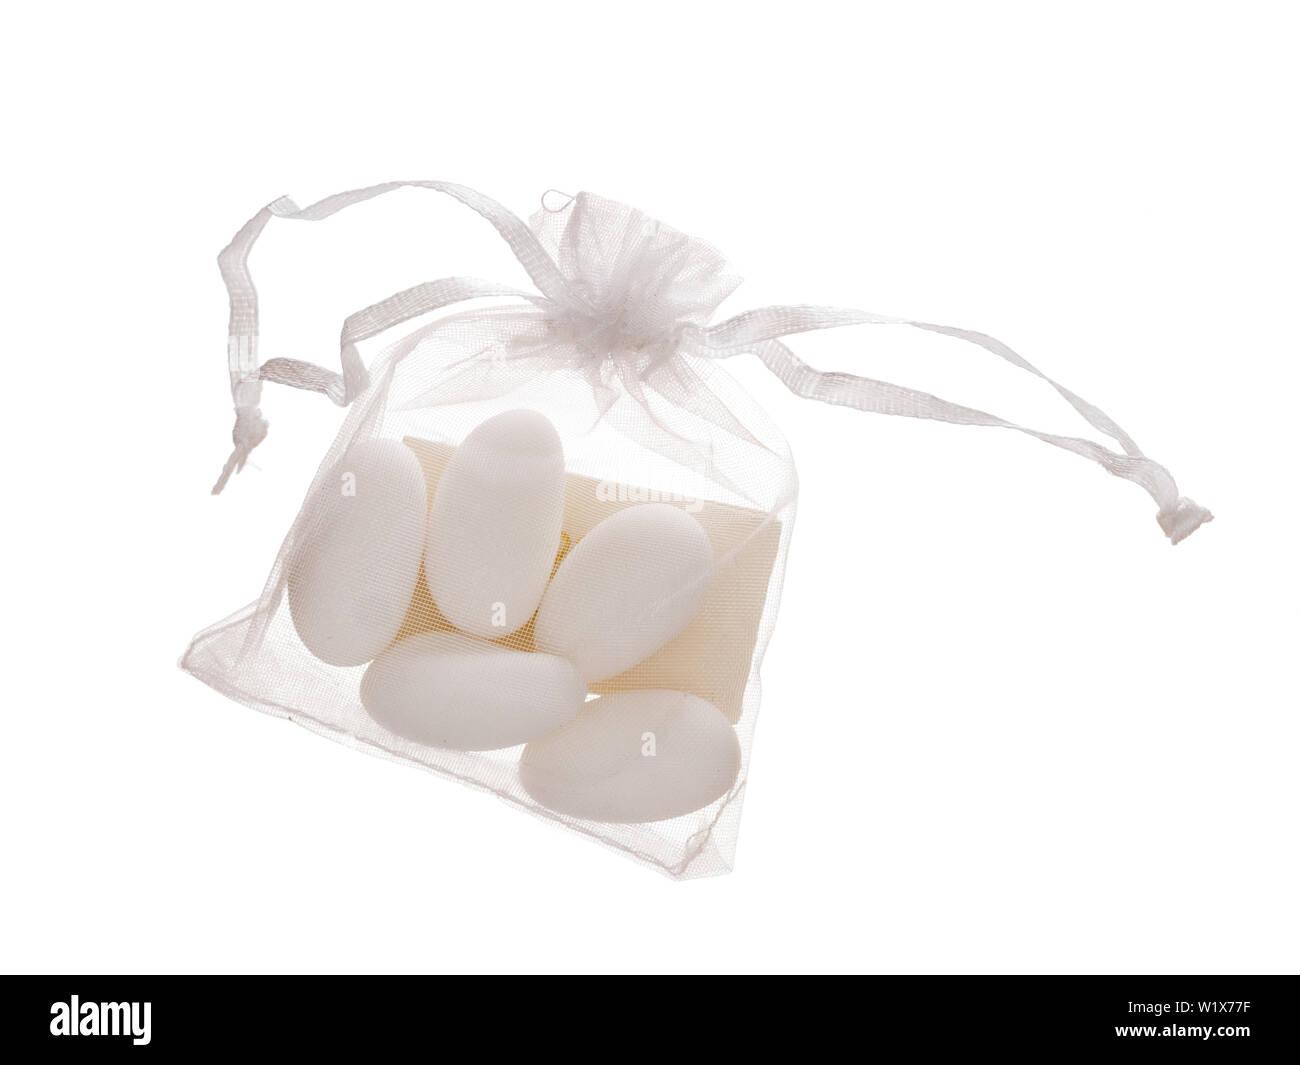 Bomboniere Inhalt 5 Zuckermandeln In Tasche Mit Hinweis